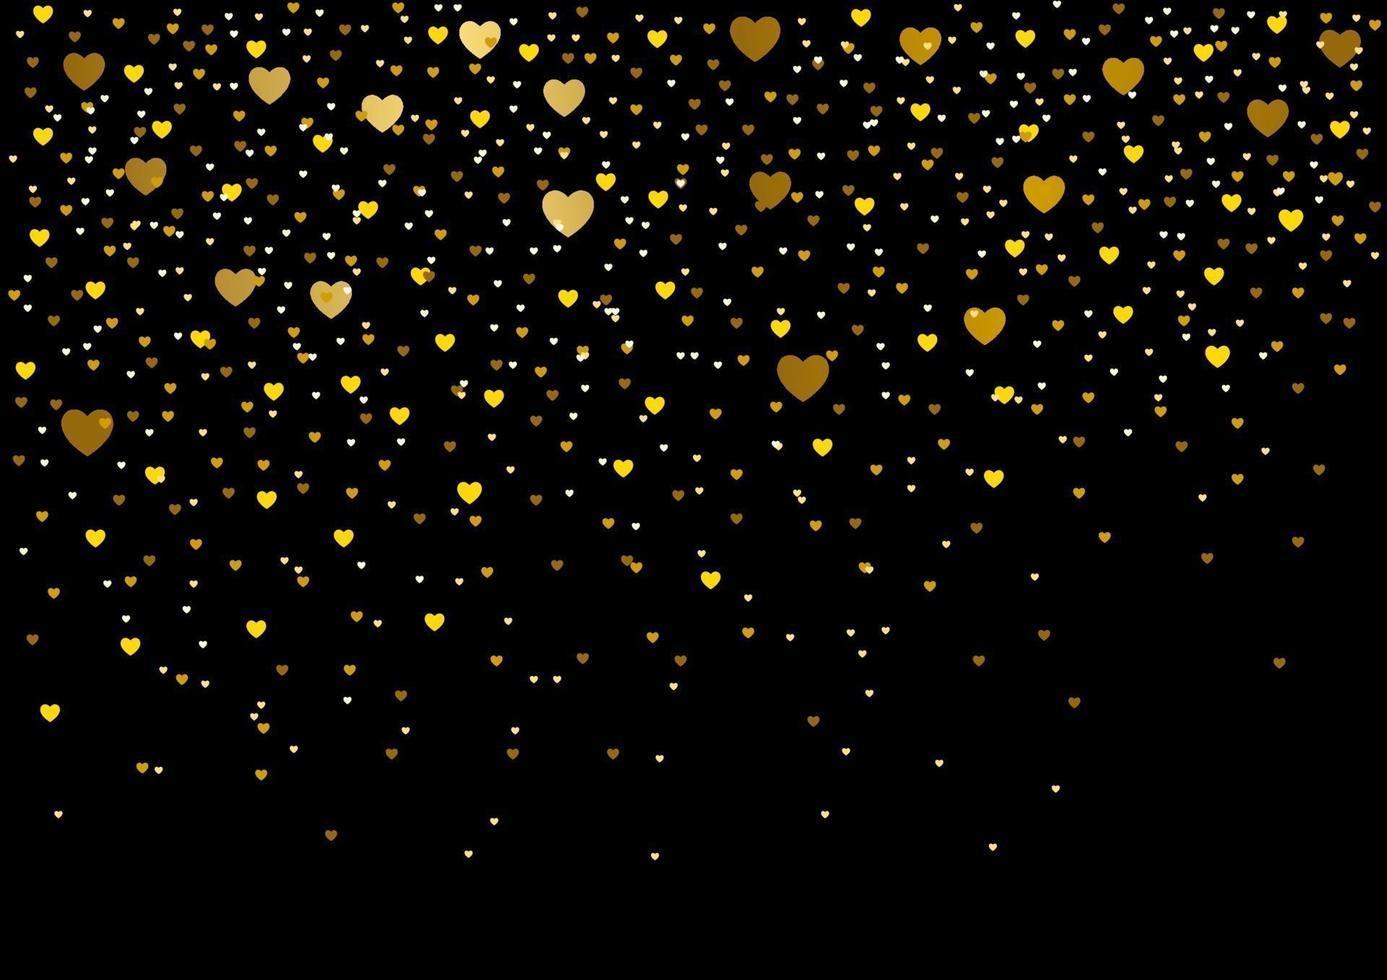 pequenos corações em fundo preto vetor